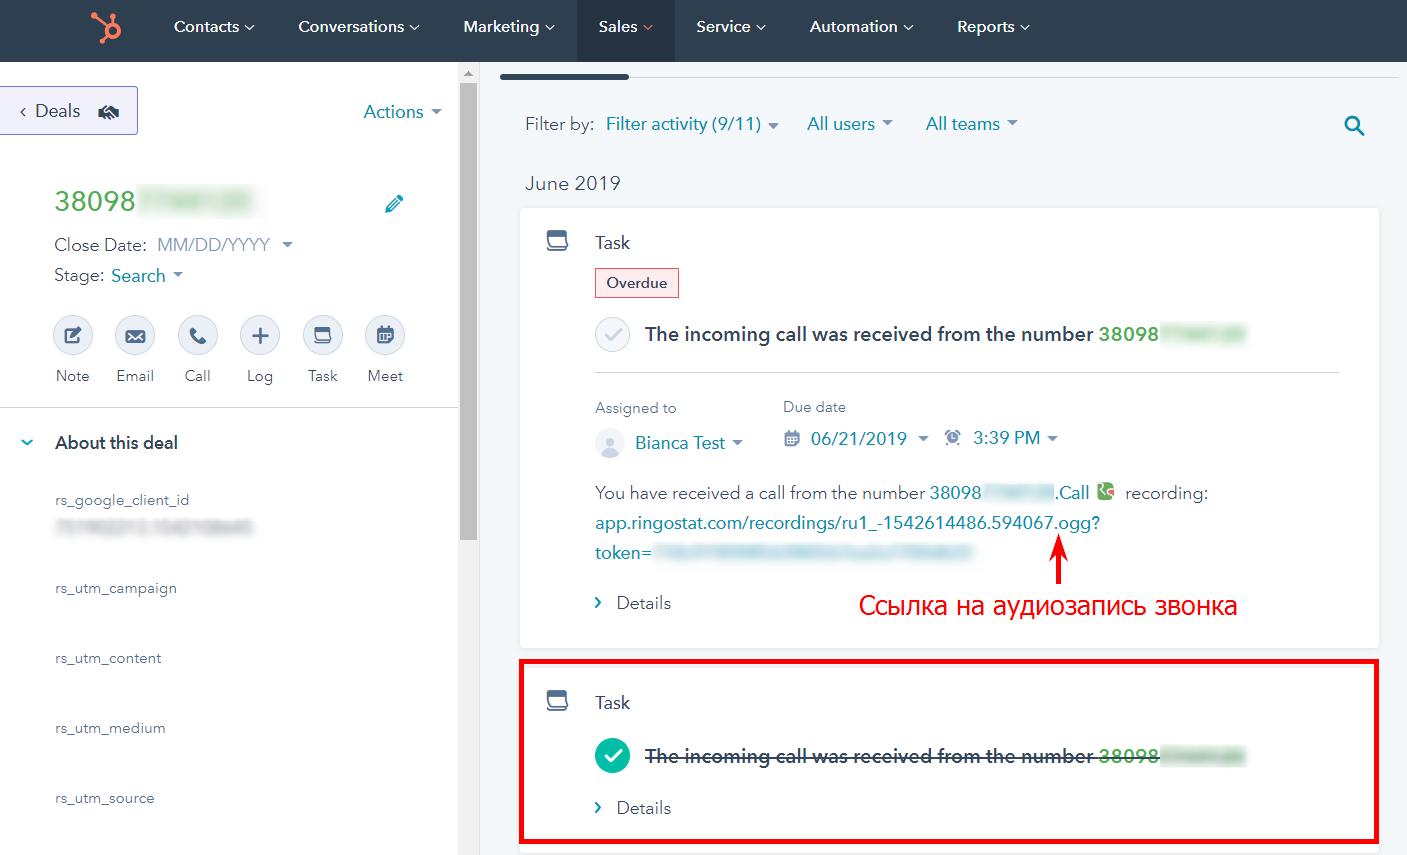 Обновления Ringostat: пользовательские JavaScript функции, интеграция с HubSpot, форма управления номерами в пуле и оповещение о несохраненных изменениях